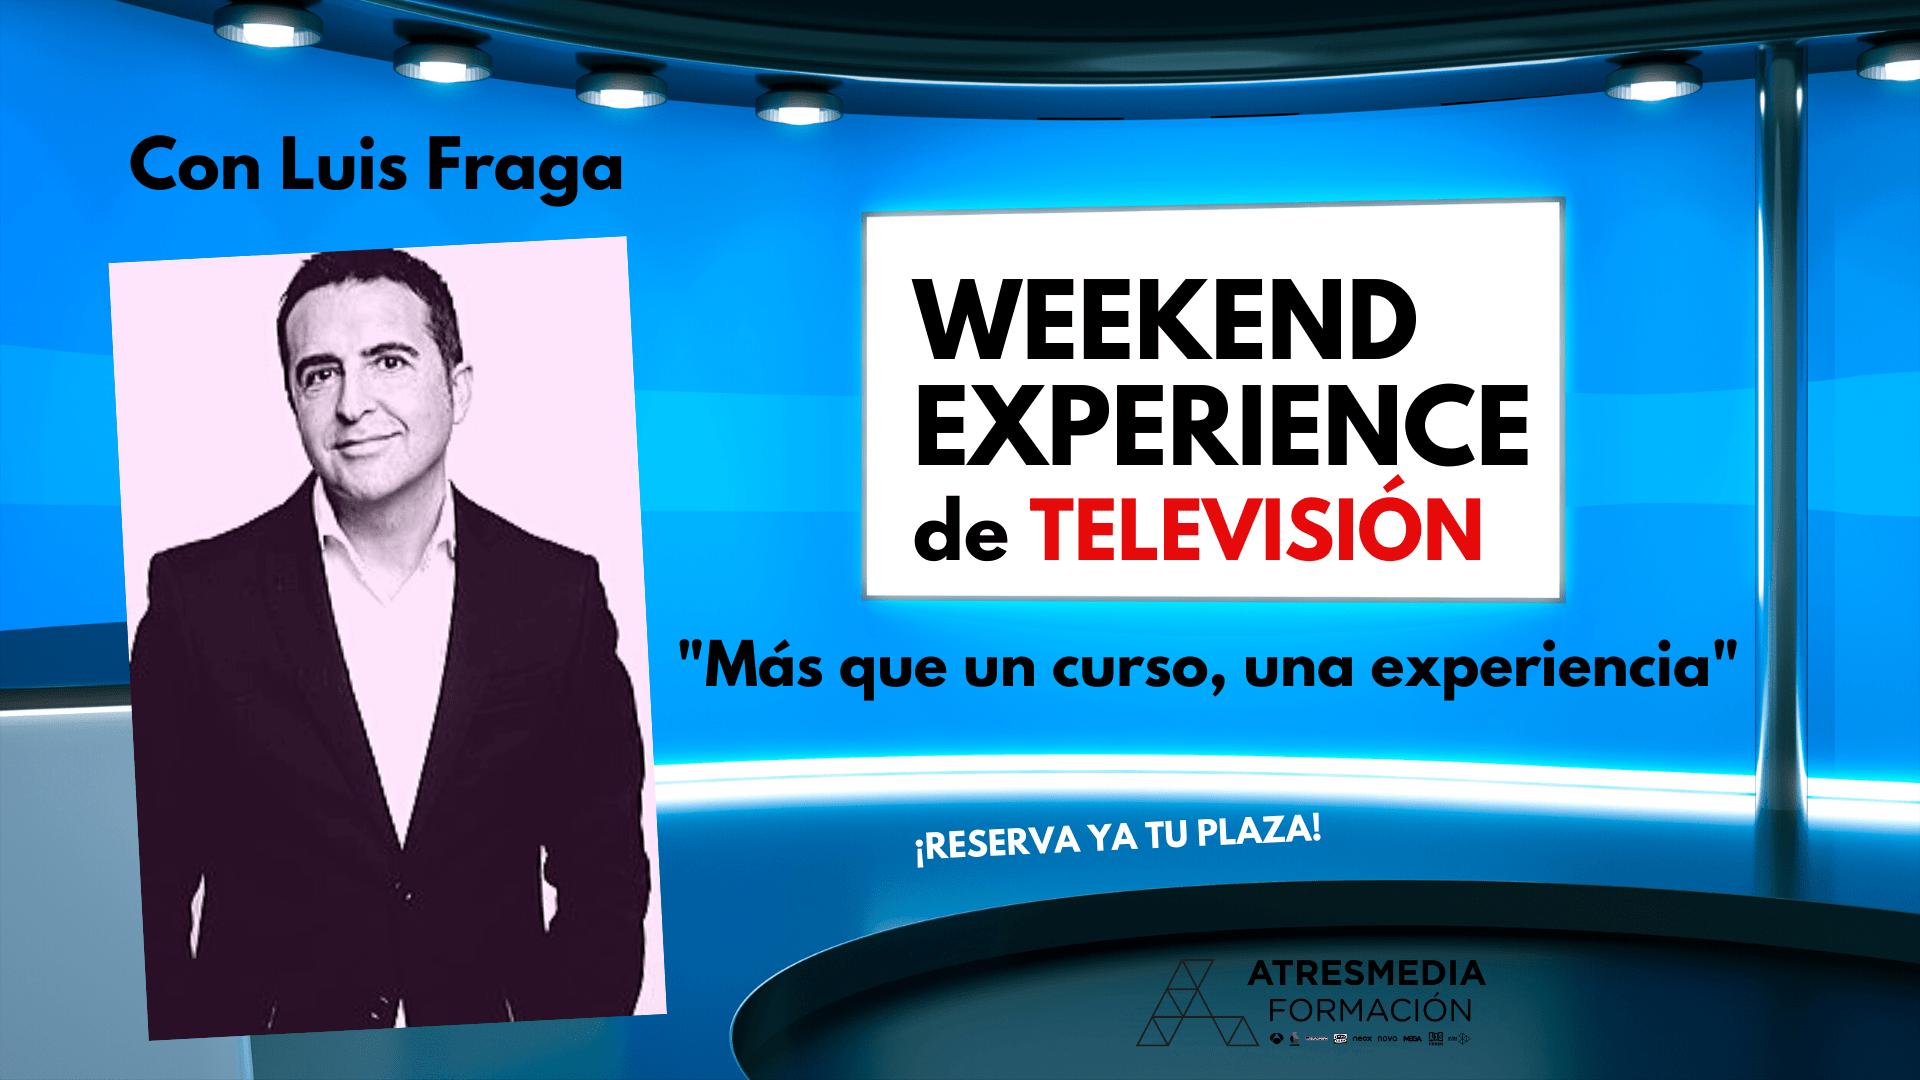 PERIODISMO DE TELEVISIÓN WEEKEND EXPERIENCE. Del 26 al 28 de junio 2020